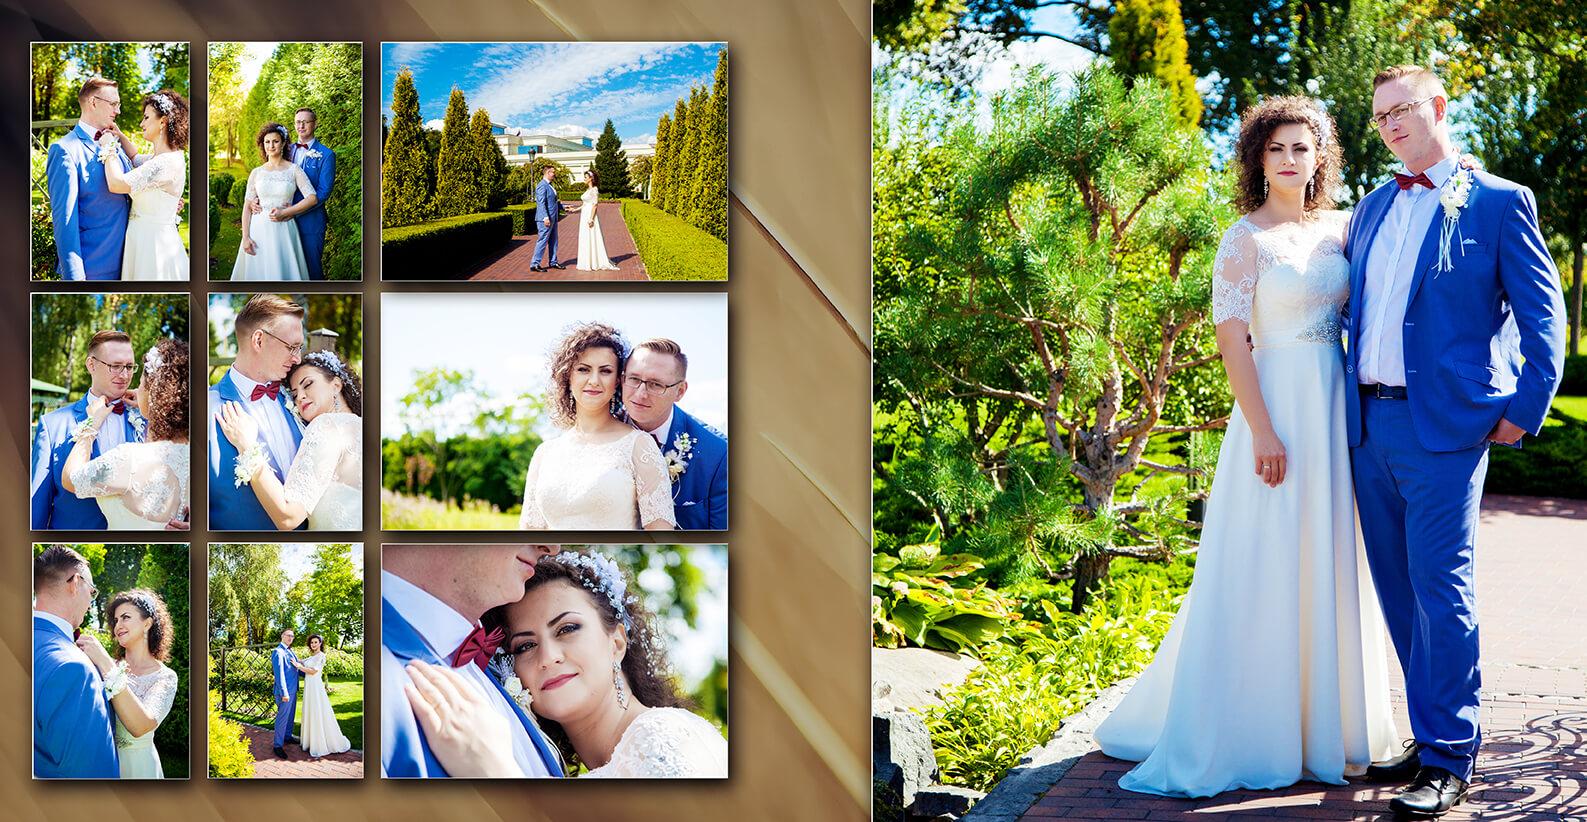 svadebnaja-fotokniga-albom-zakazat-fotograf-kiev-primery-7